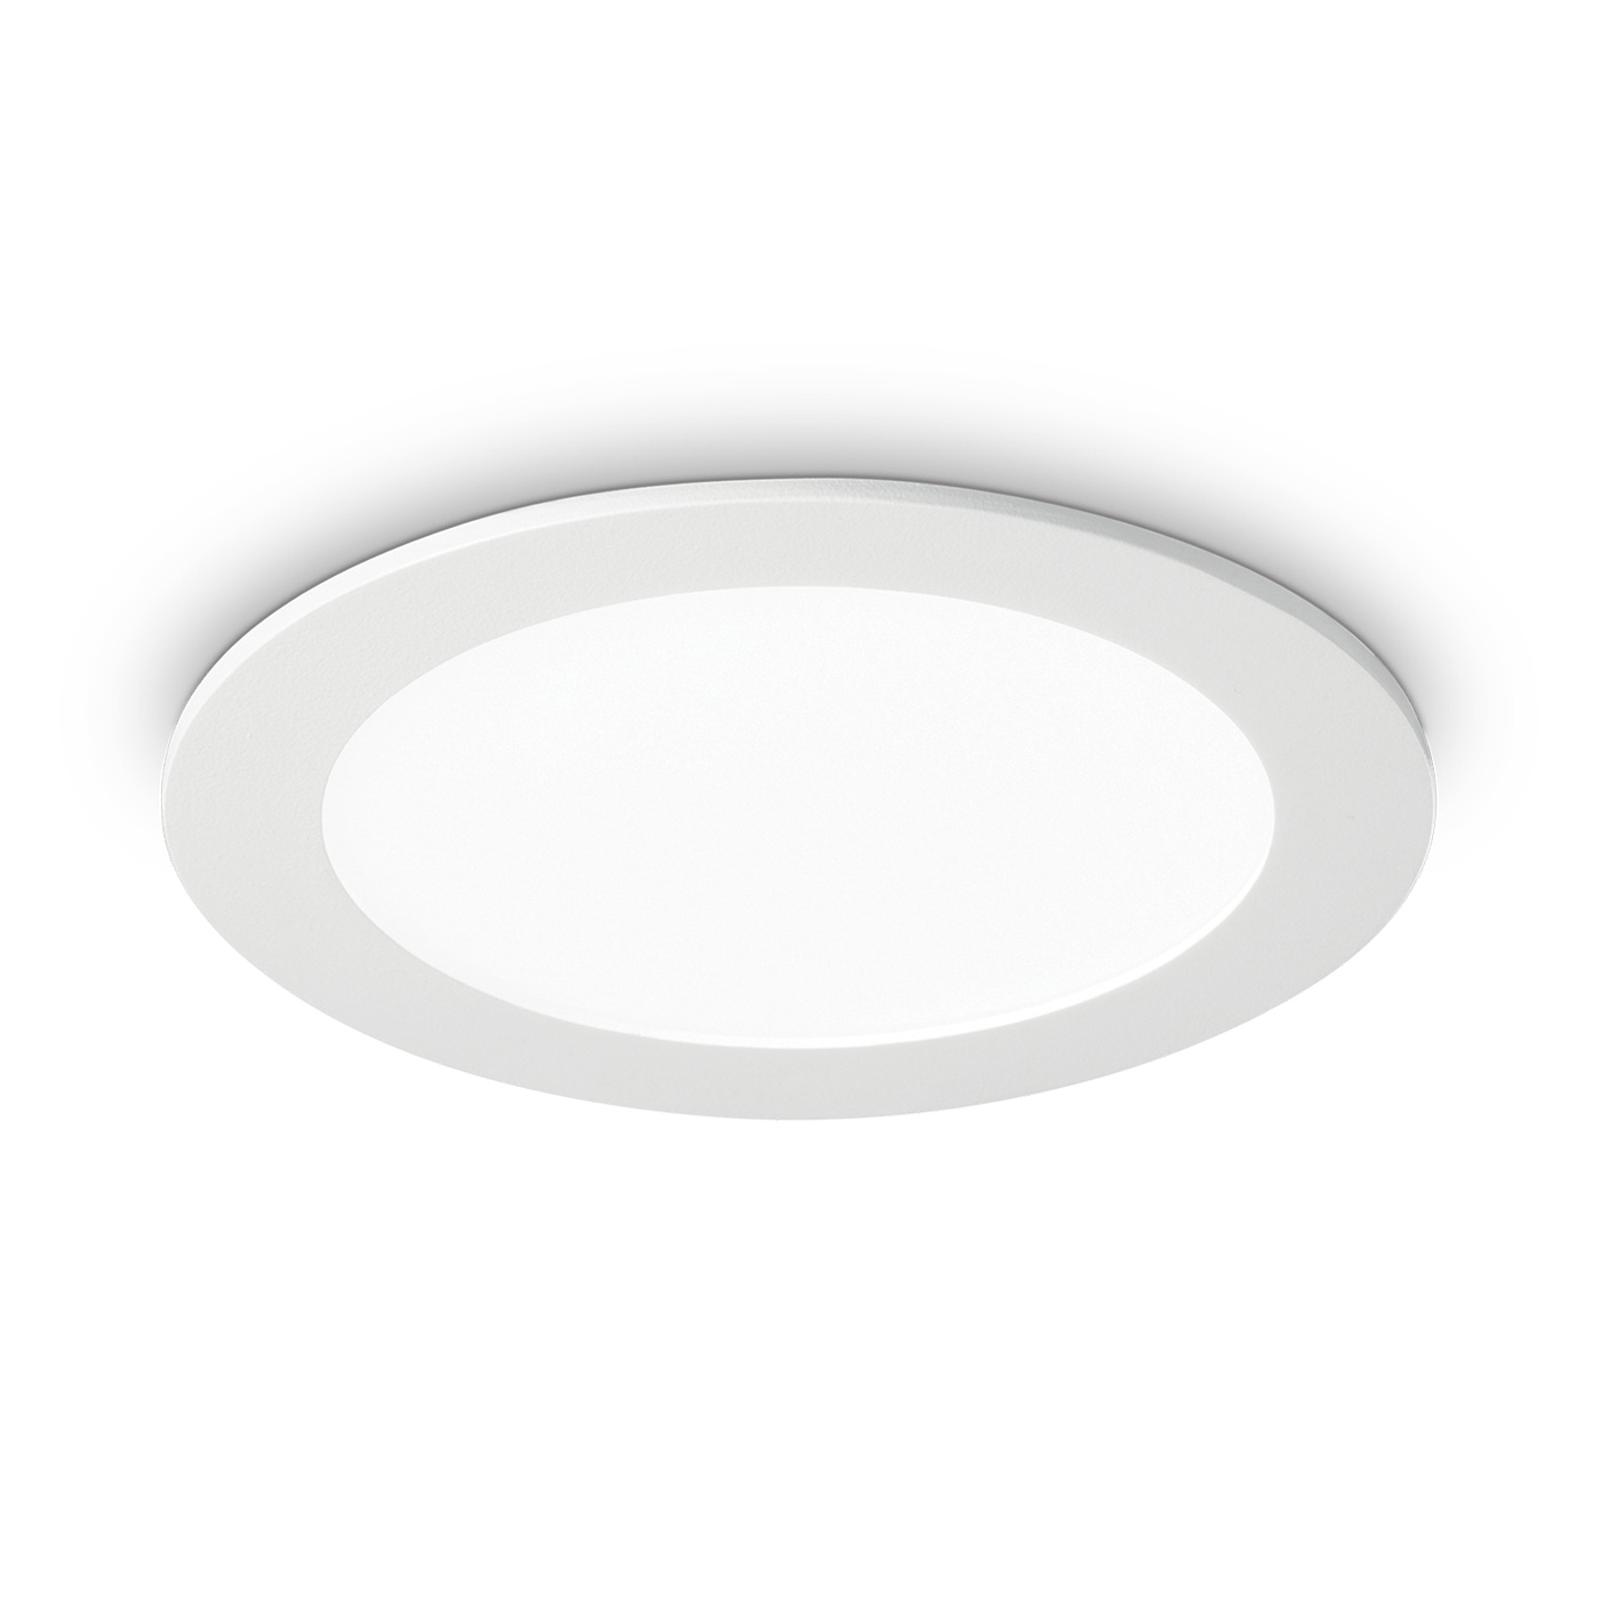 LED-Deckeneinbauleuchte Groove round 3.000K 16,8cm